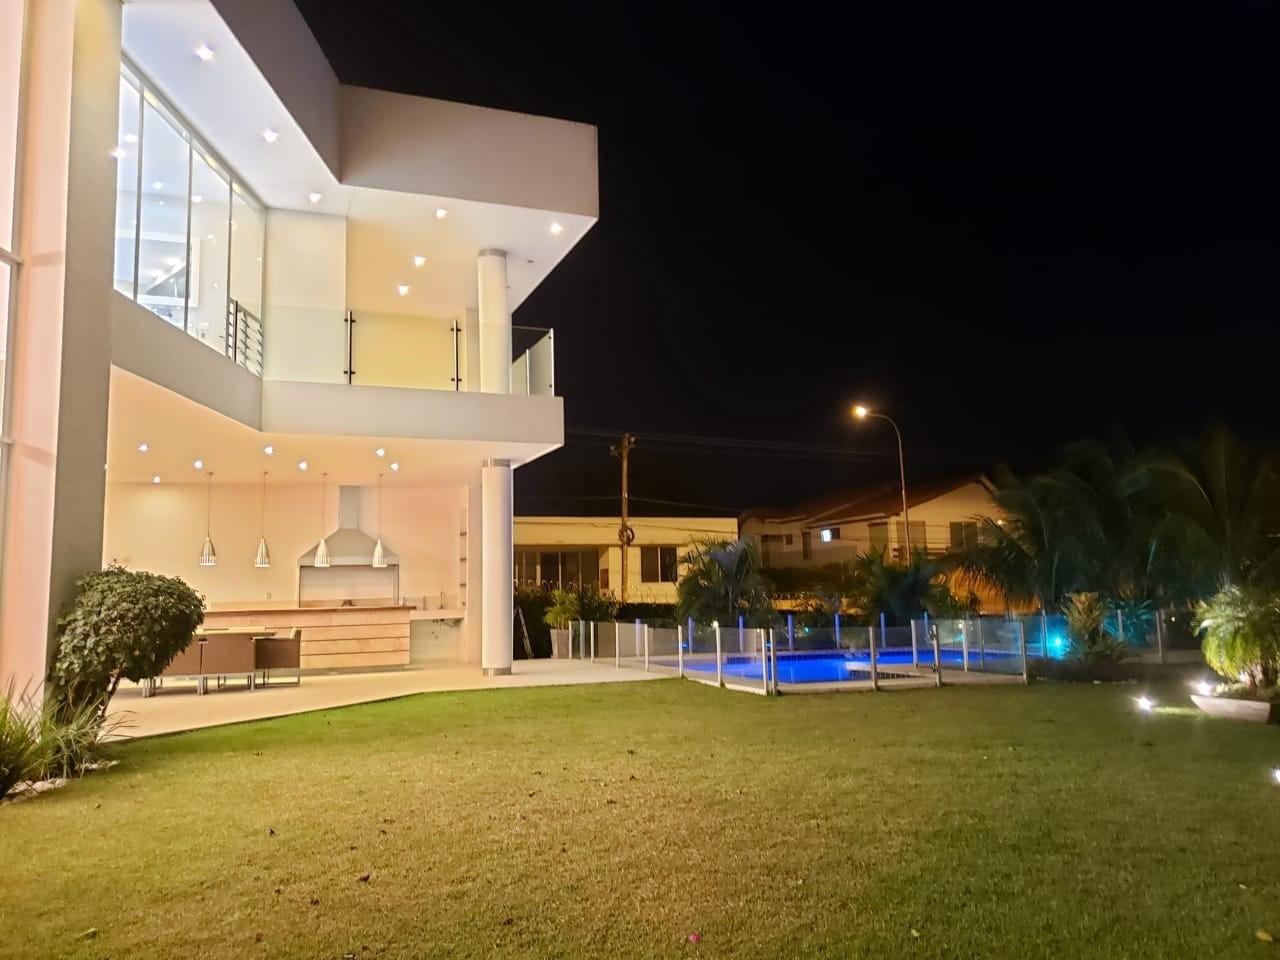 Casa en Venta HERMOSA CASA EN VENTA EN COLINAS DEL URUBO S1 Foto 9